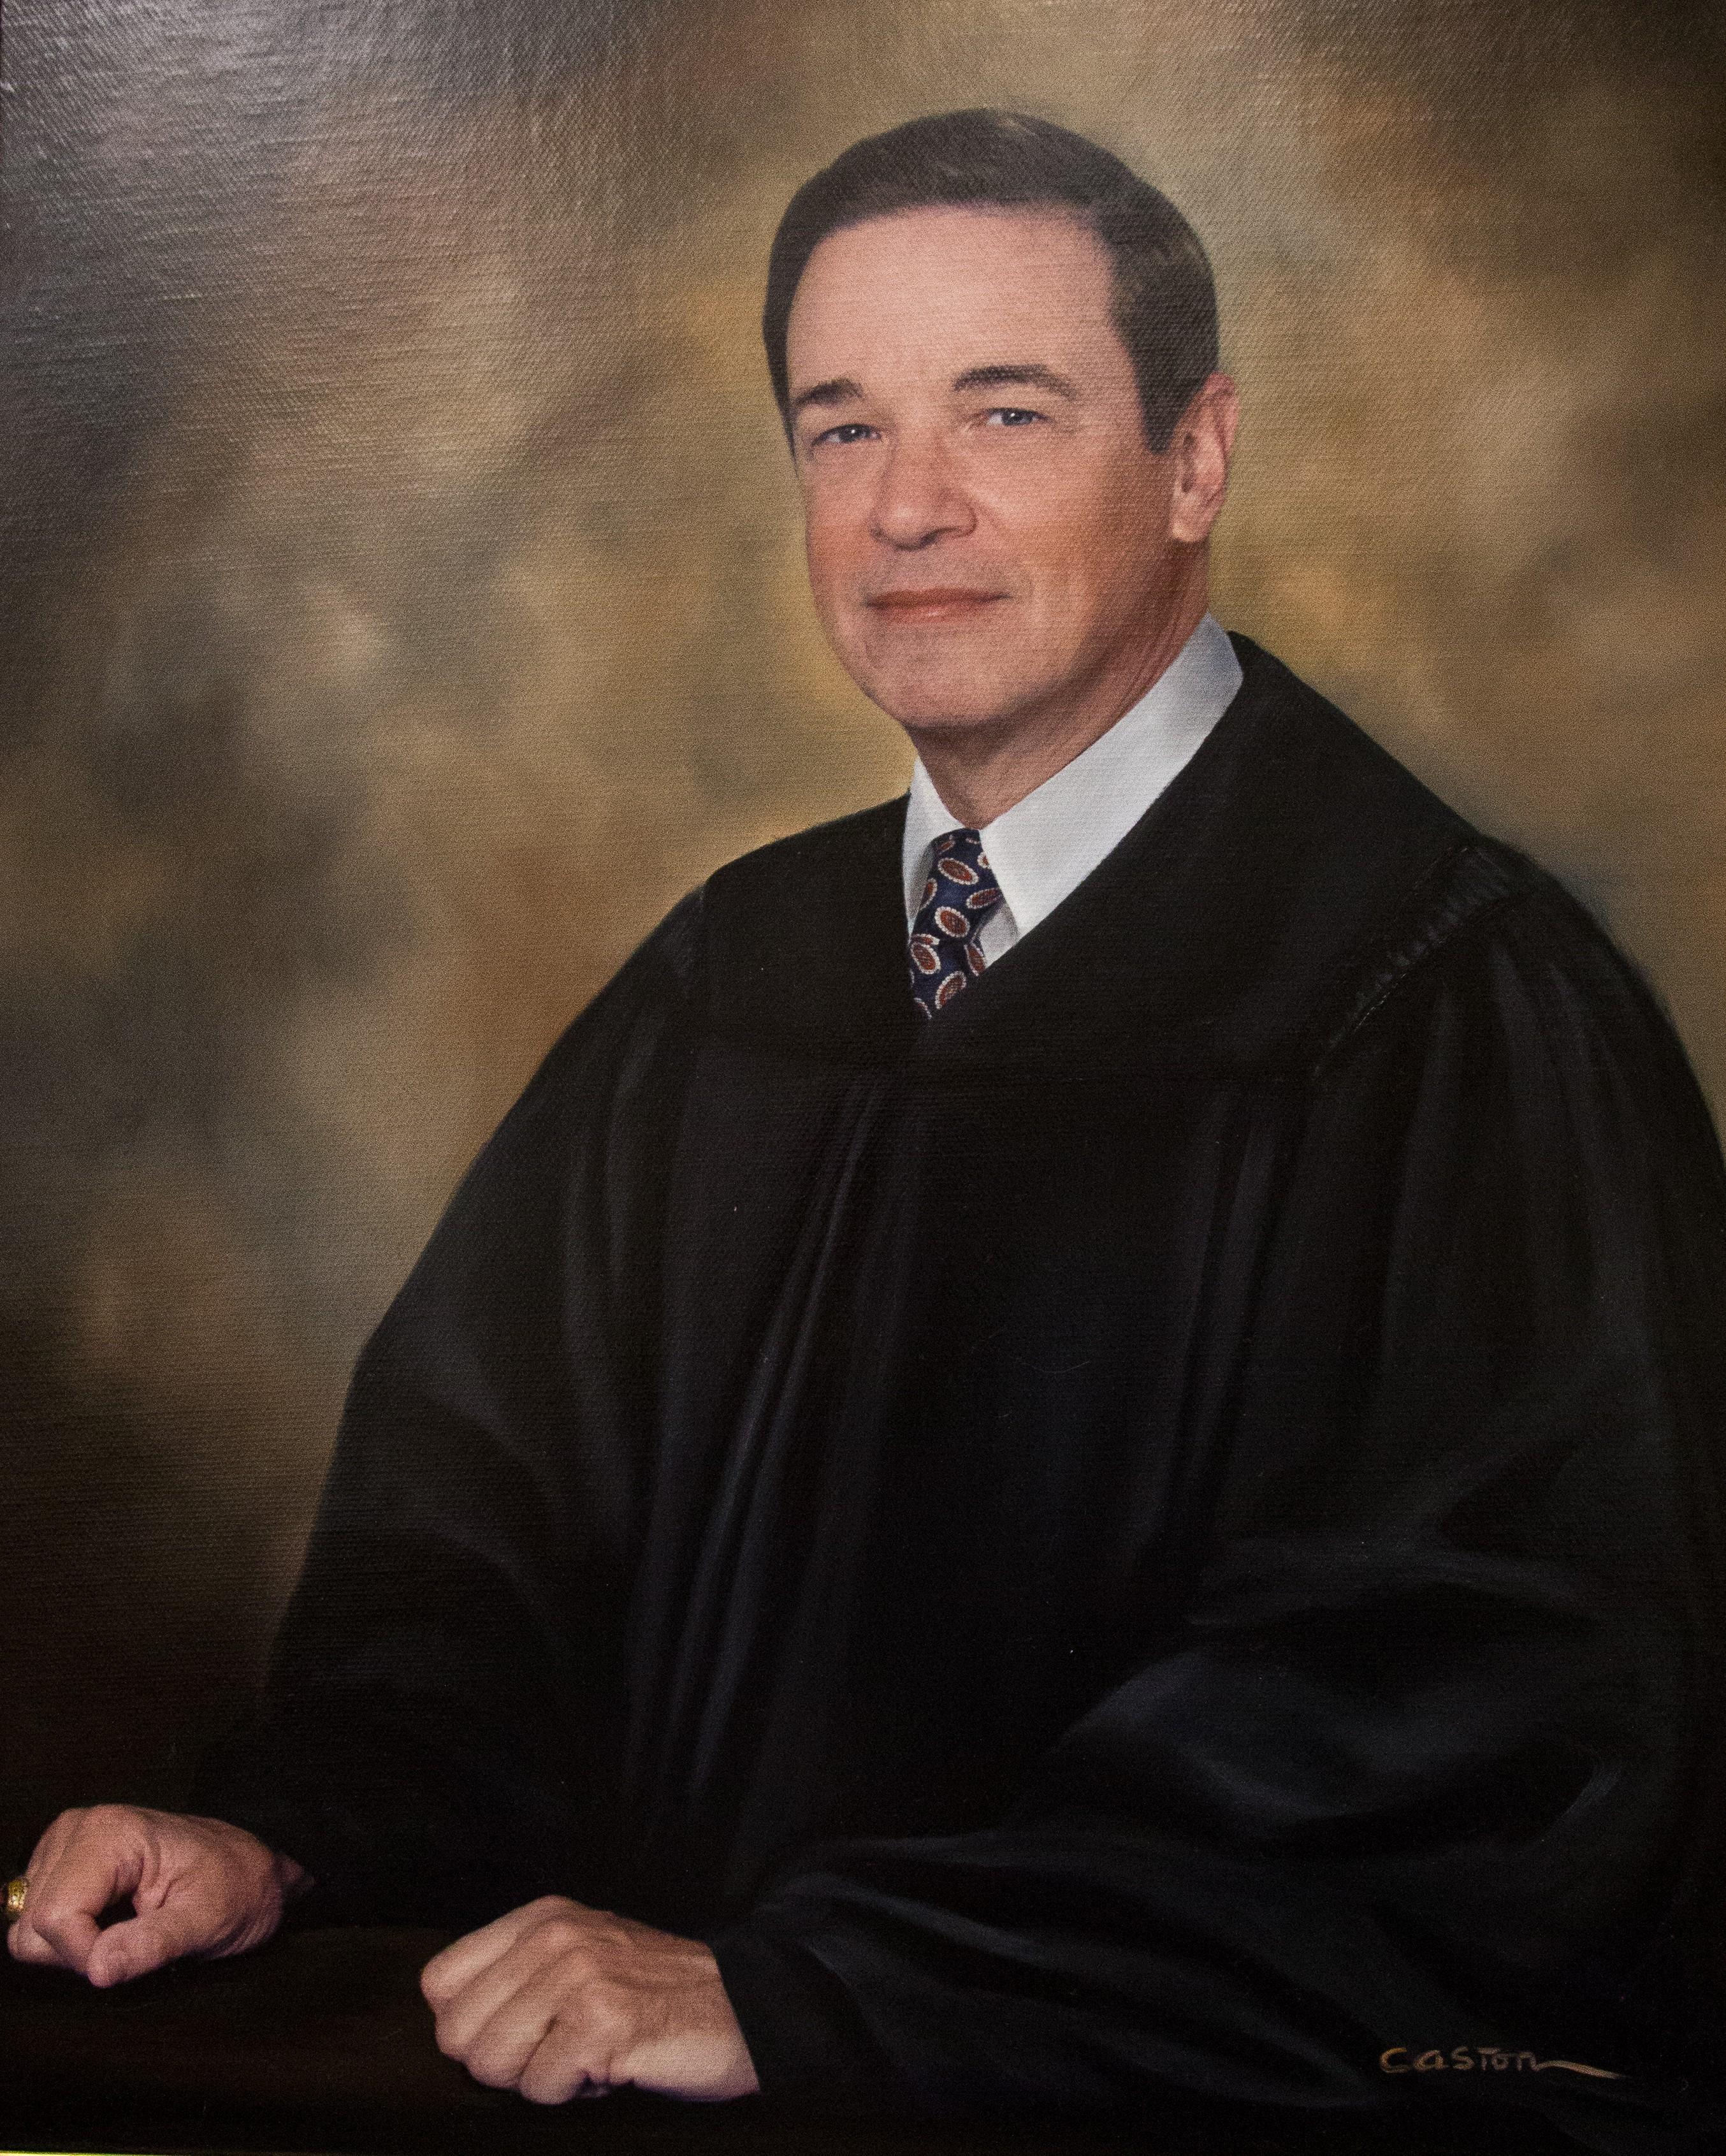 Judge Rudolph Bumgardner, III